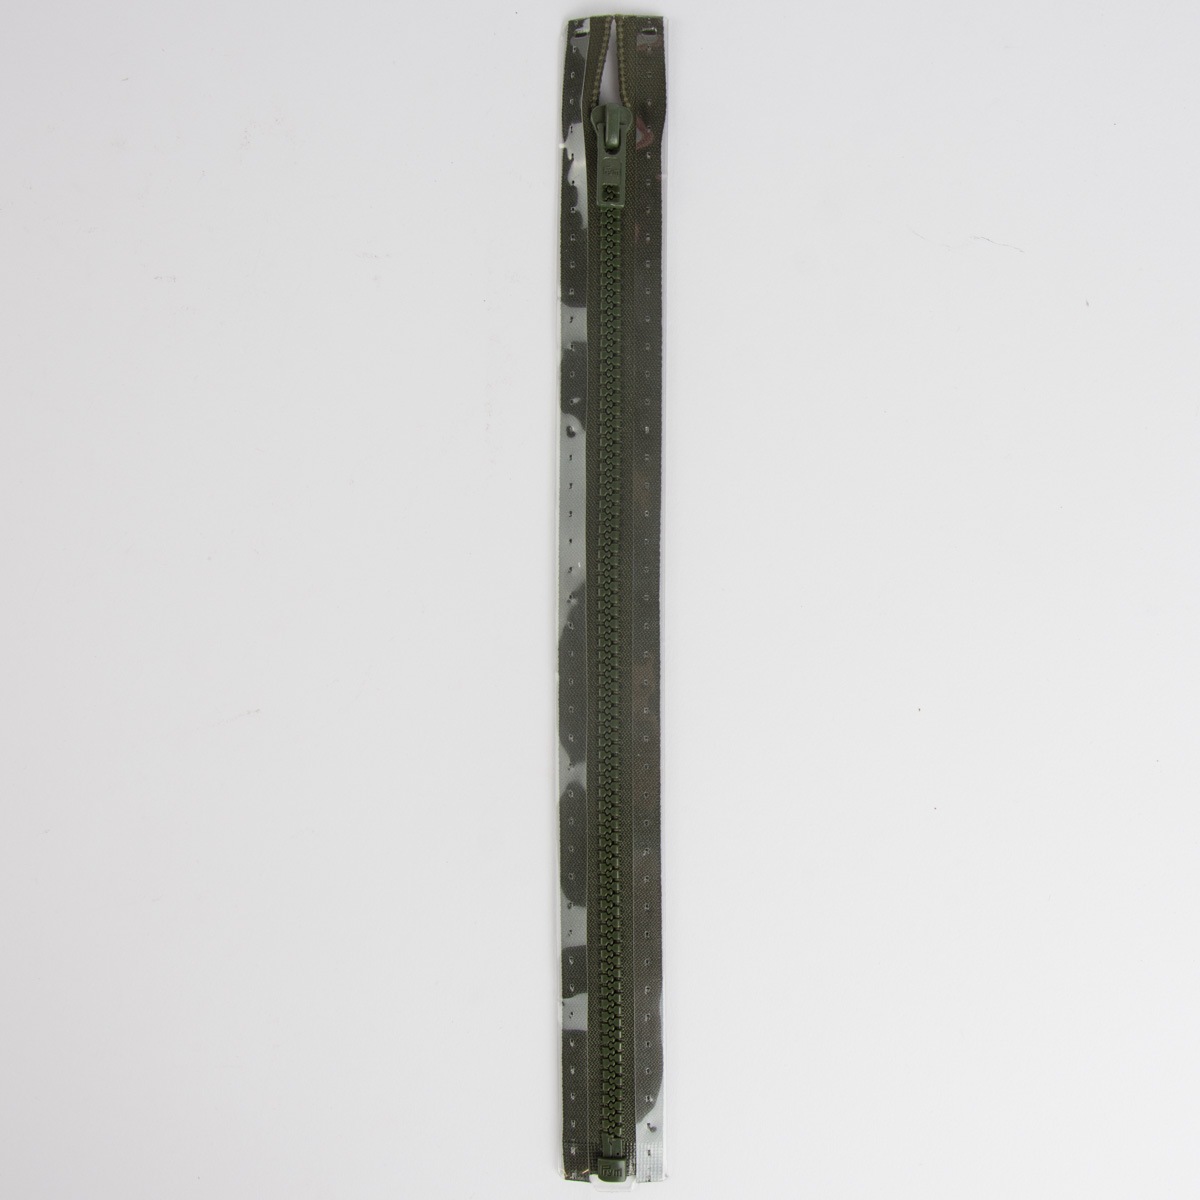 Reißverschluss S4 Profil tb 75 cm Fla br-oliv